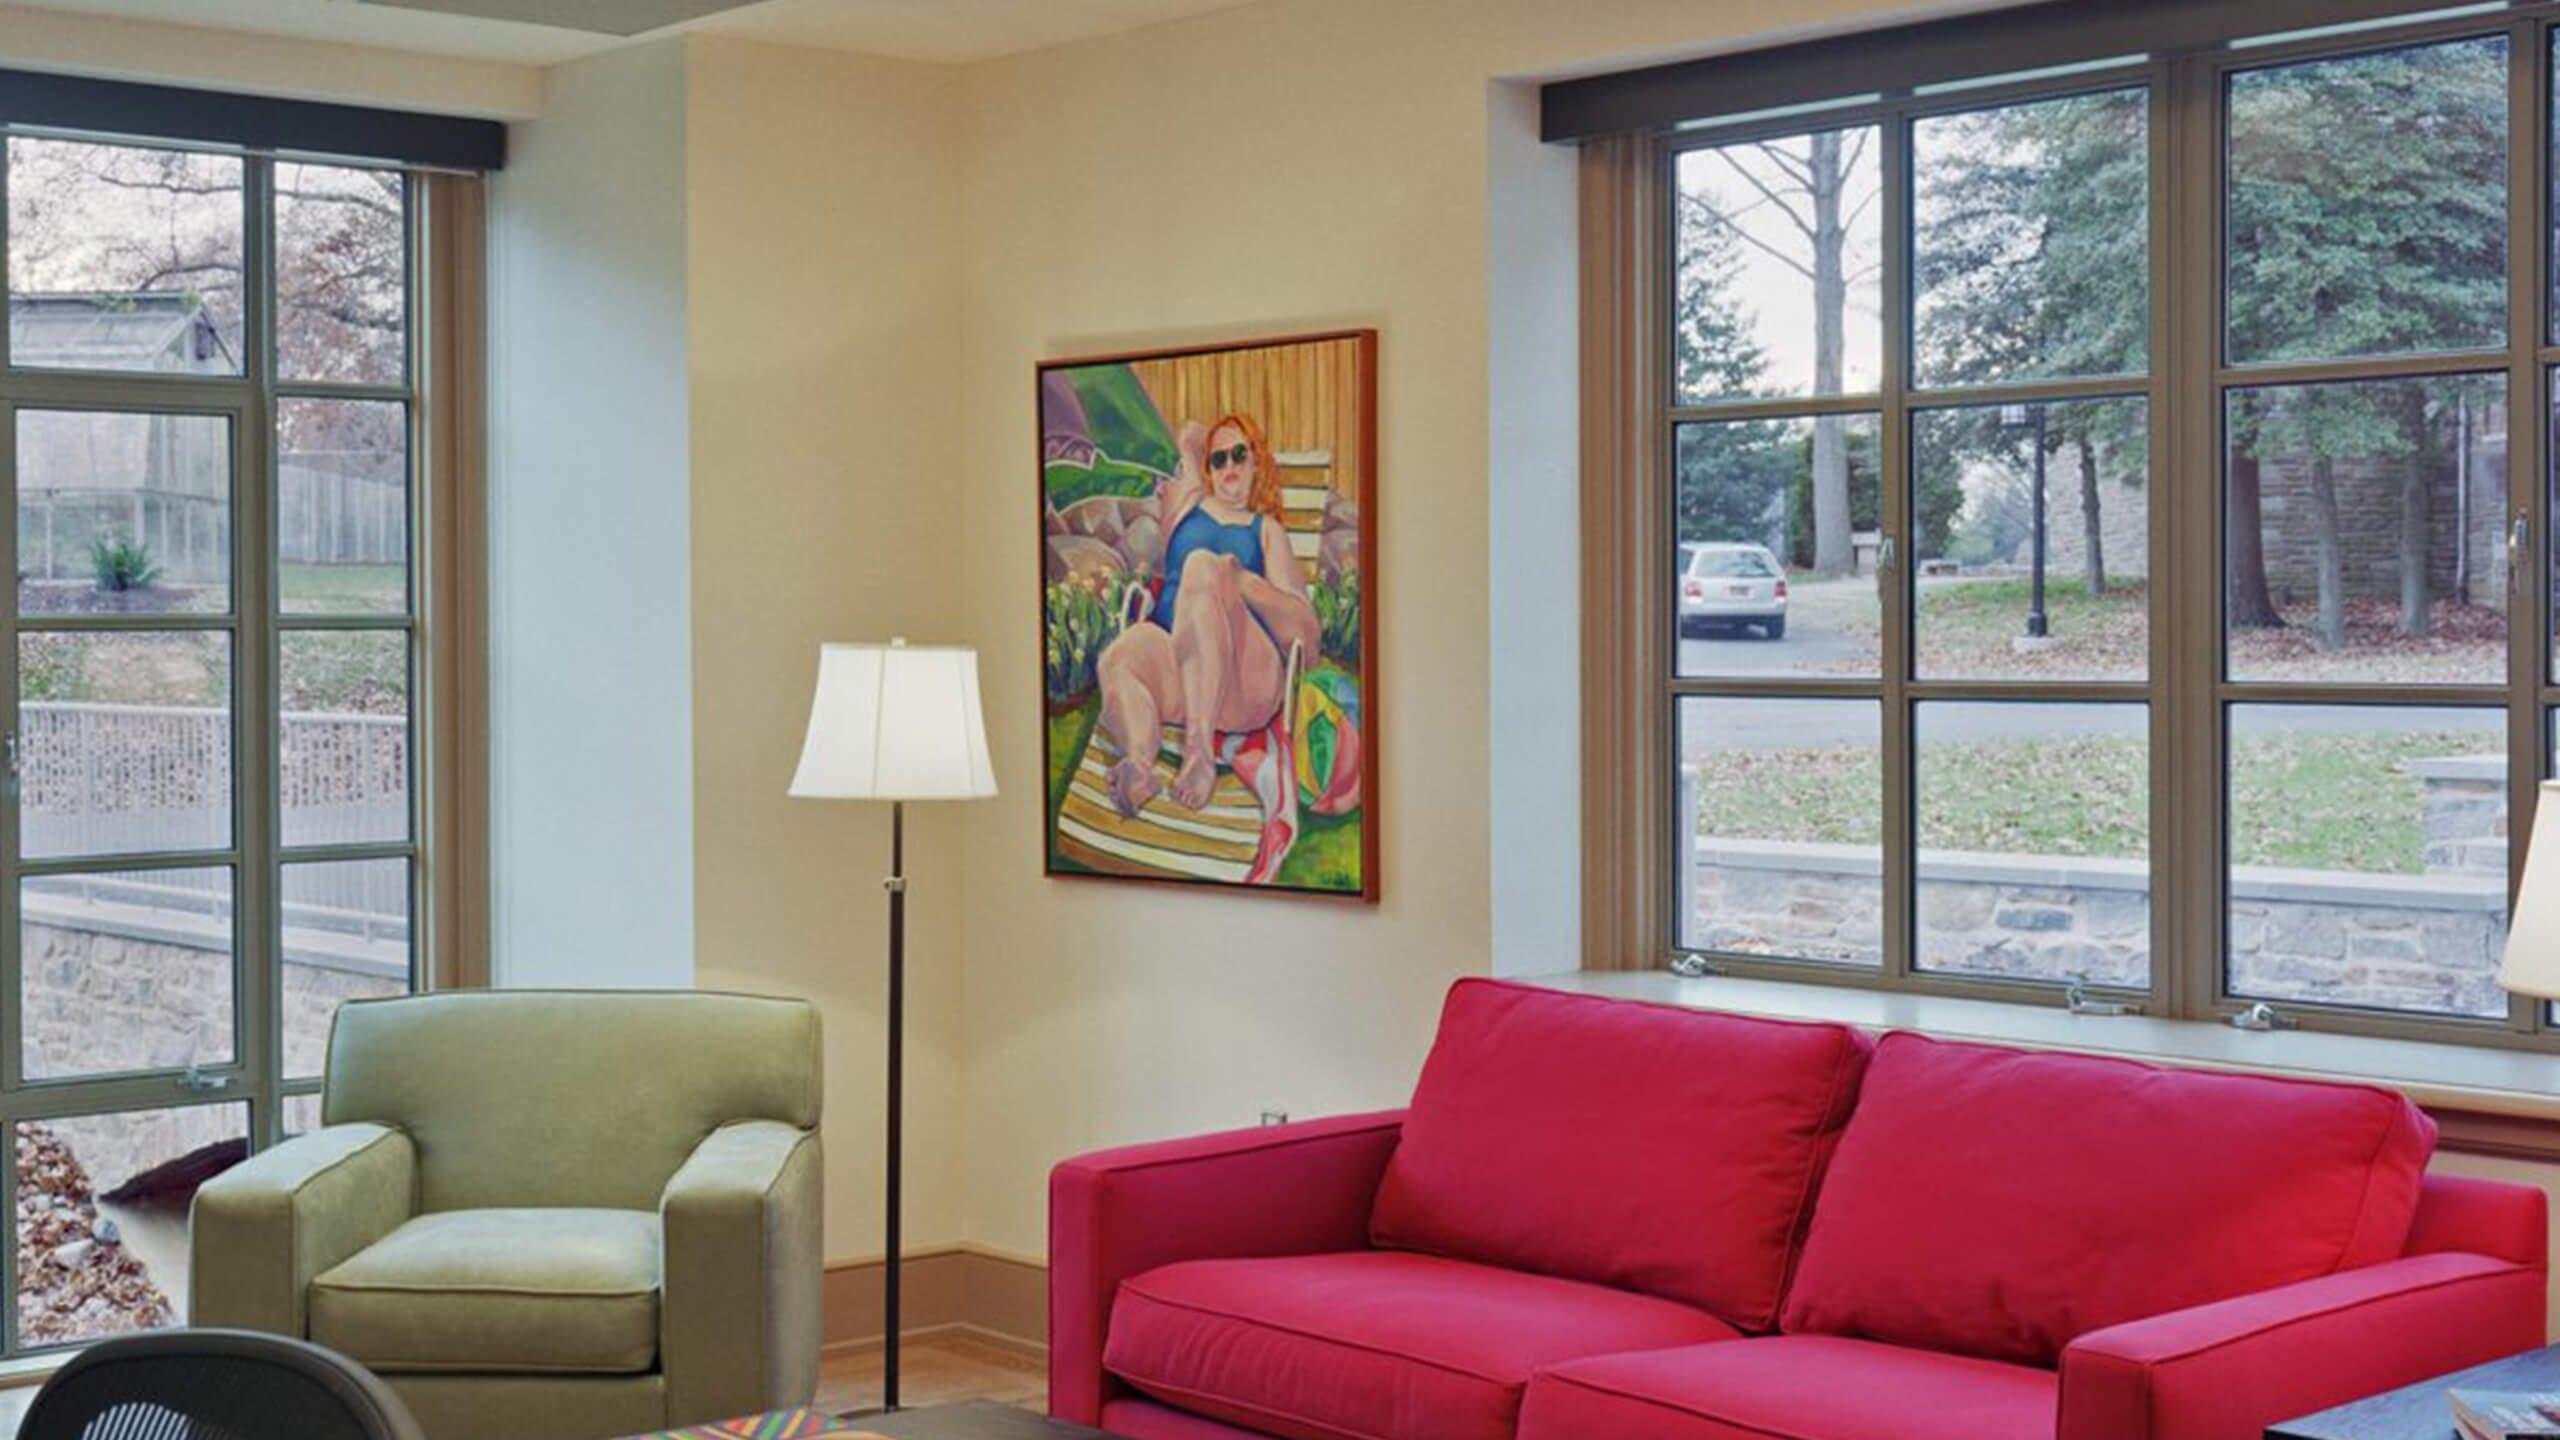 Crittall O'brien Arts Center – De Image